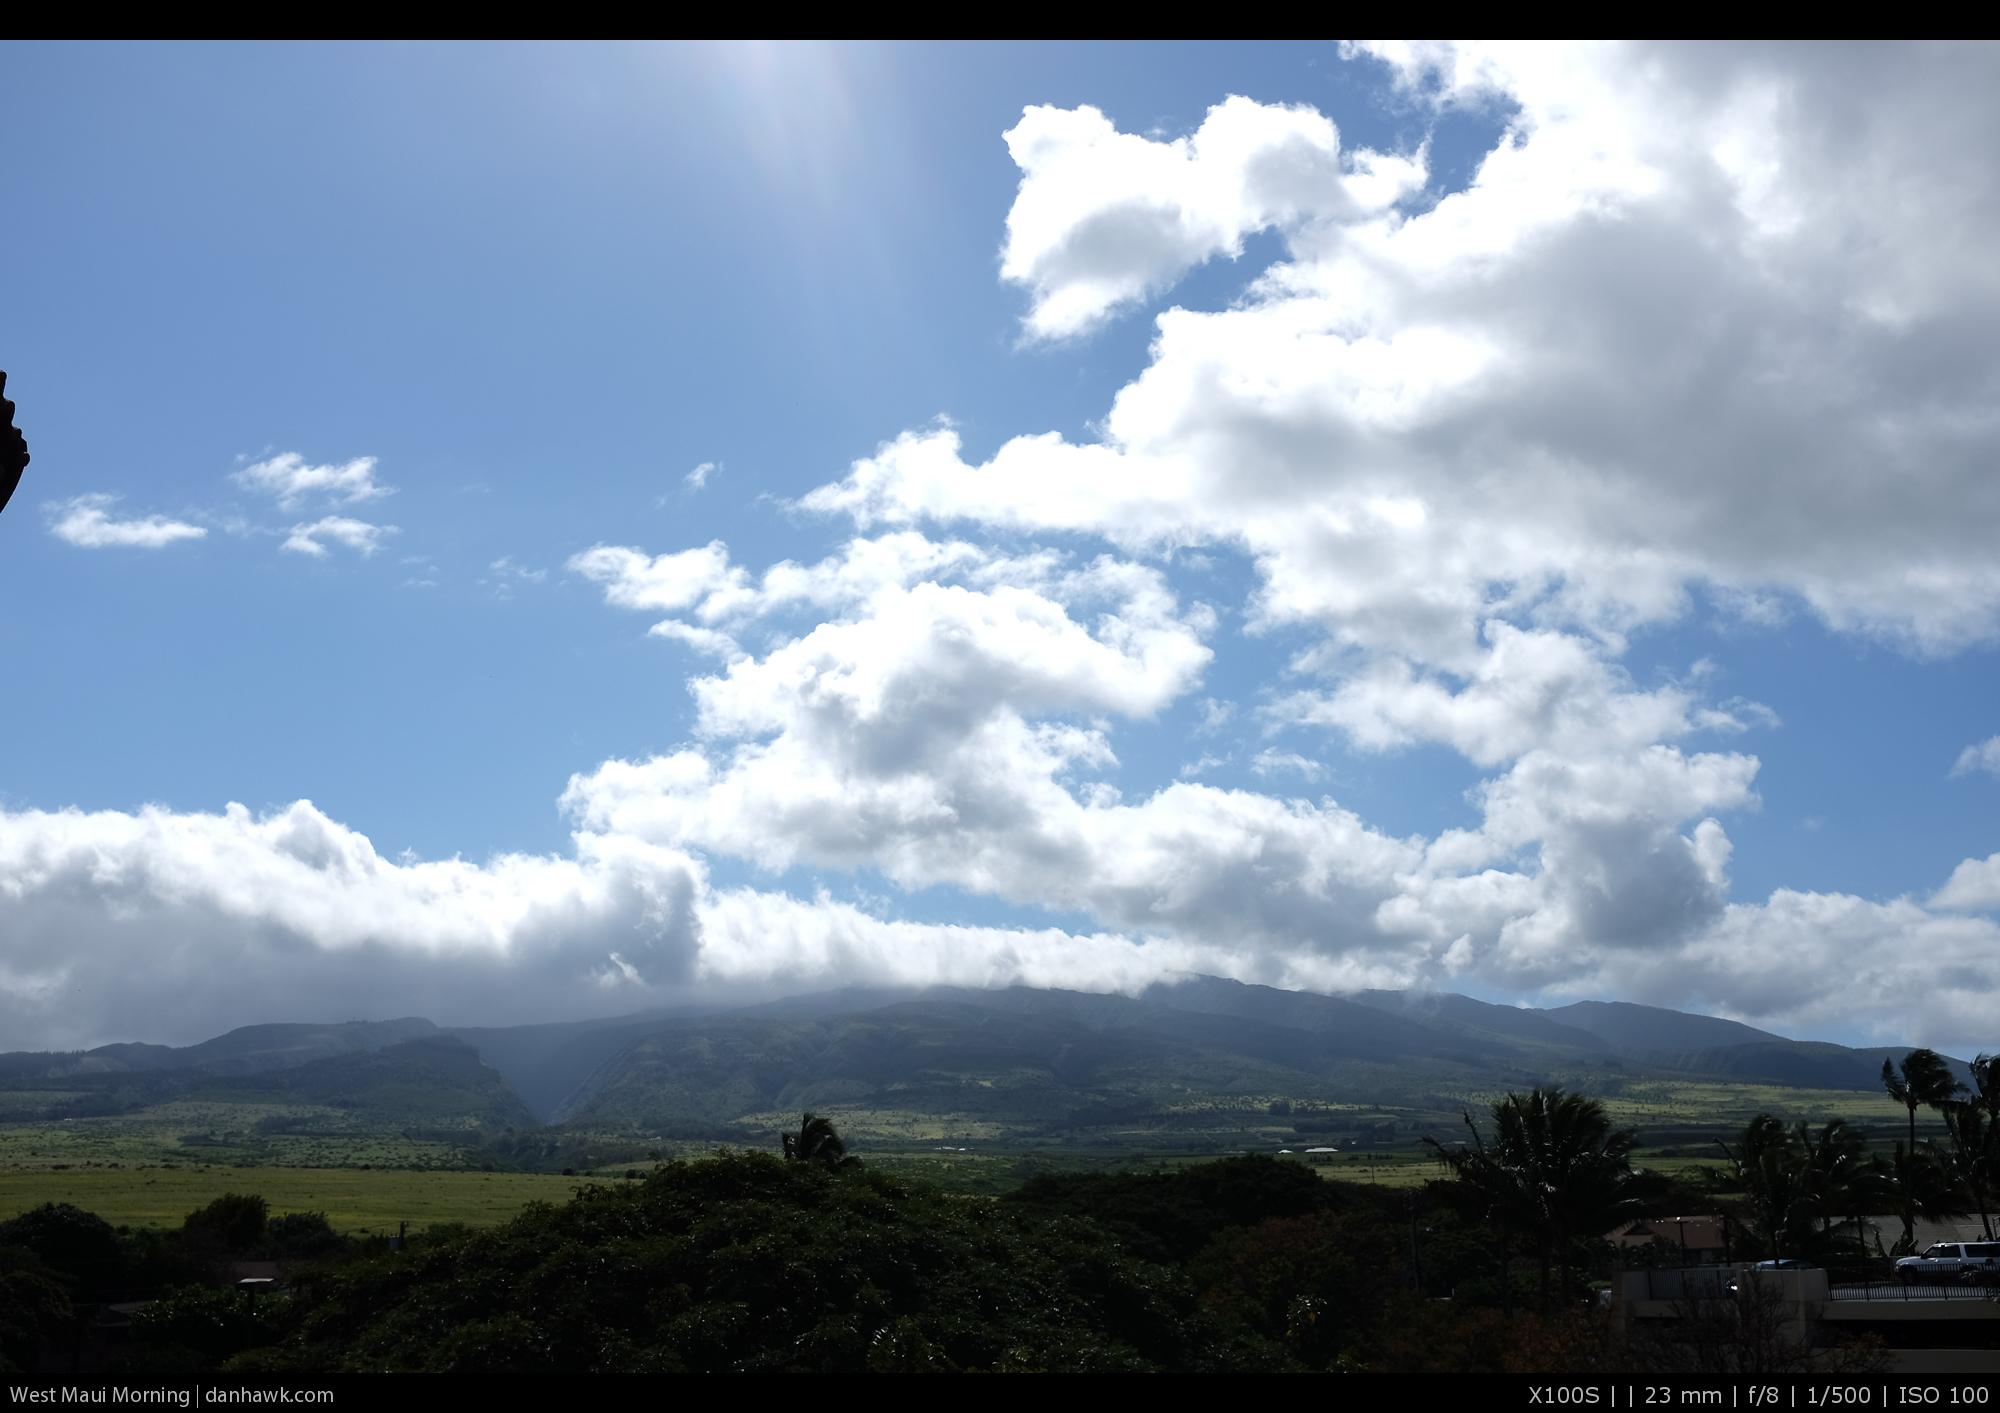 West Maui Morning